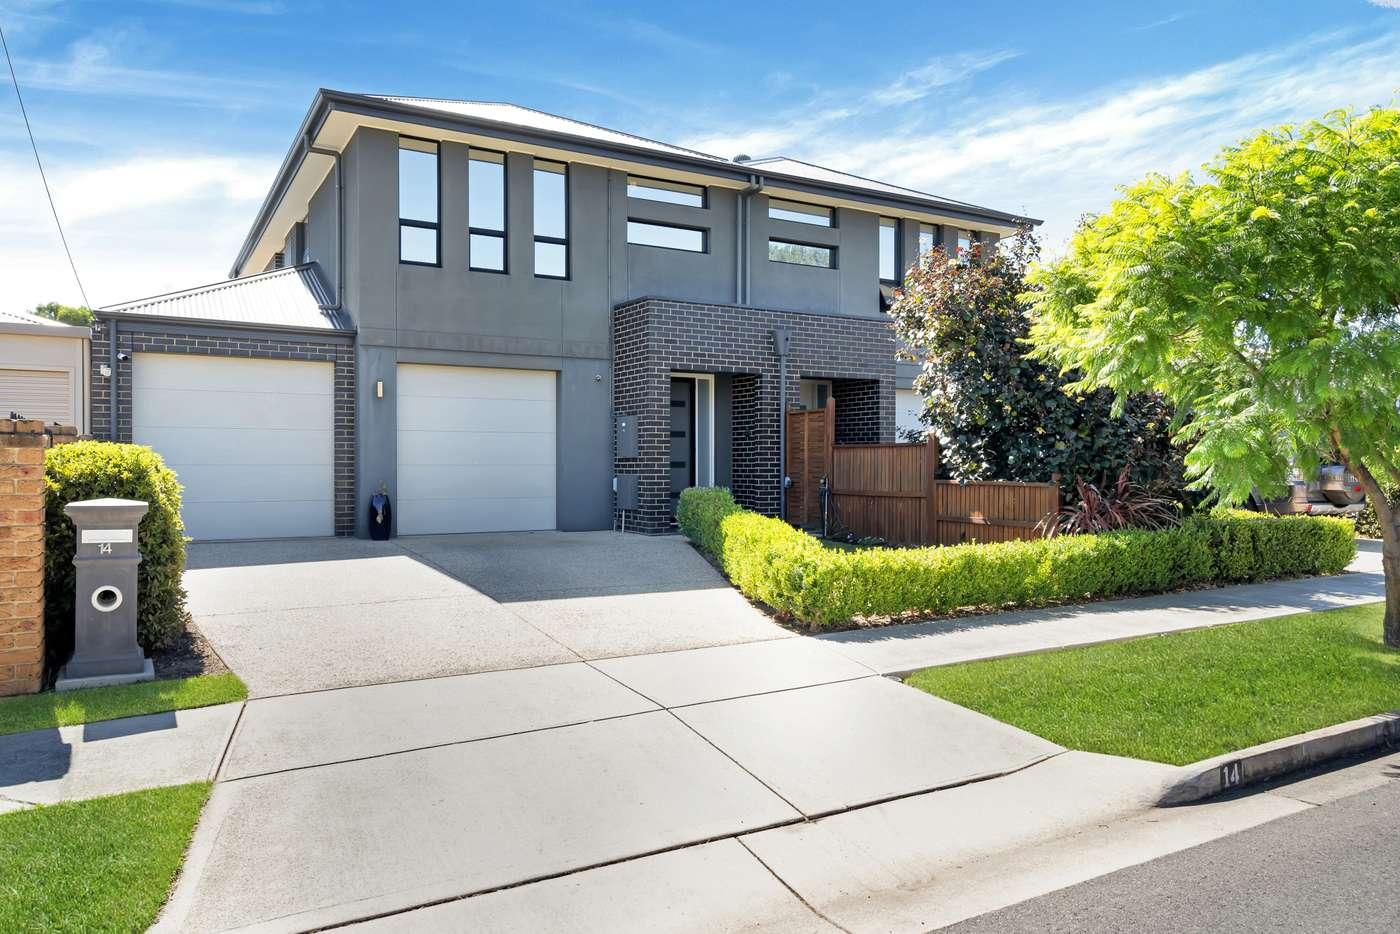 Main view of Homely house listing, 14 Gordon Terrace, Morphettville SA 5043